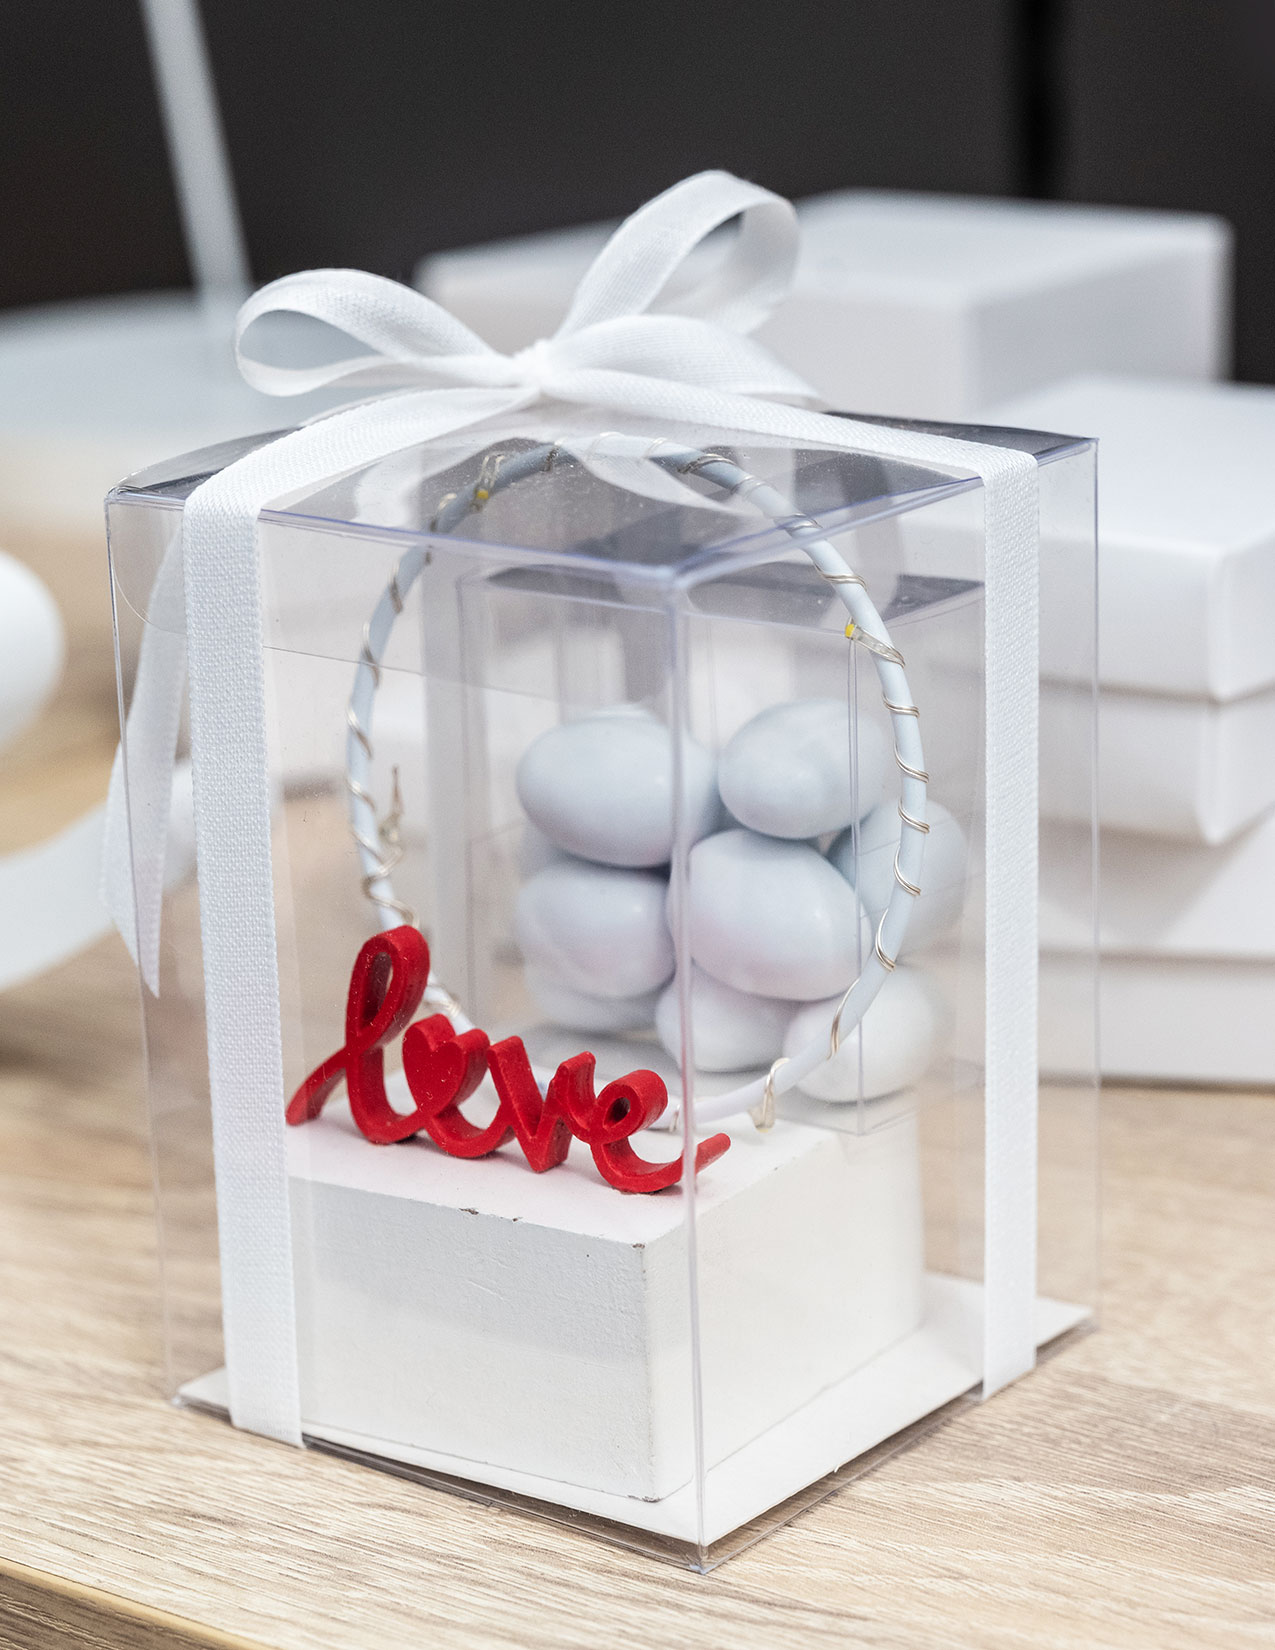 Cerchio LED con scritta Love. Bomboniere per matrimonio 2021, allestimenti raffinati e confettate golose per un matrimonio elegante e indimenticabile6